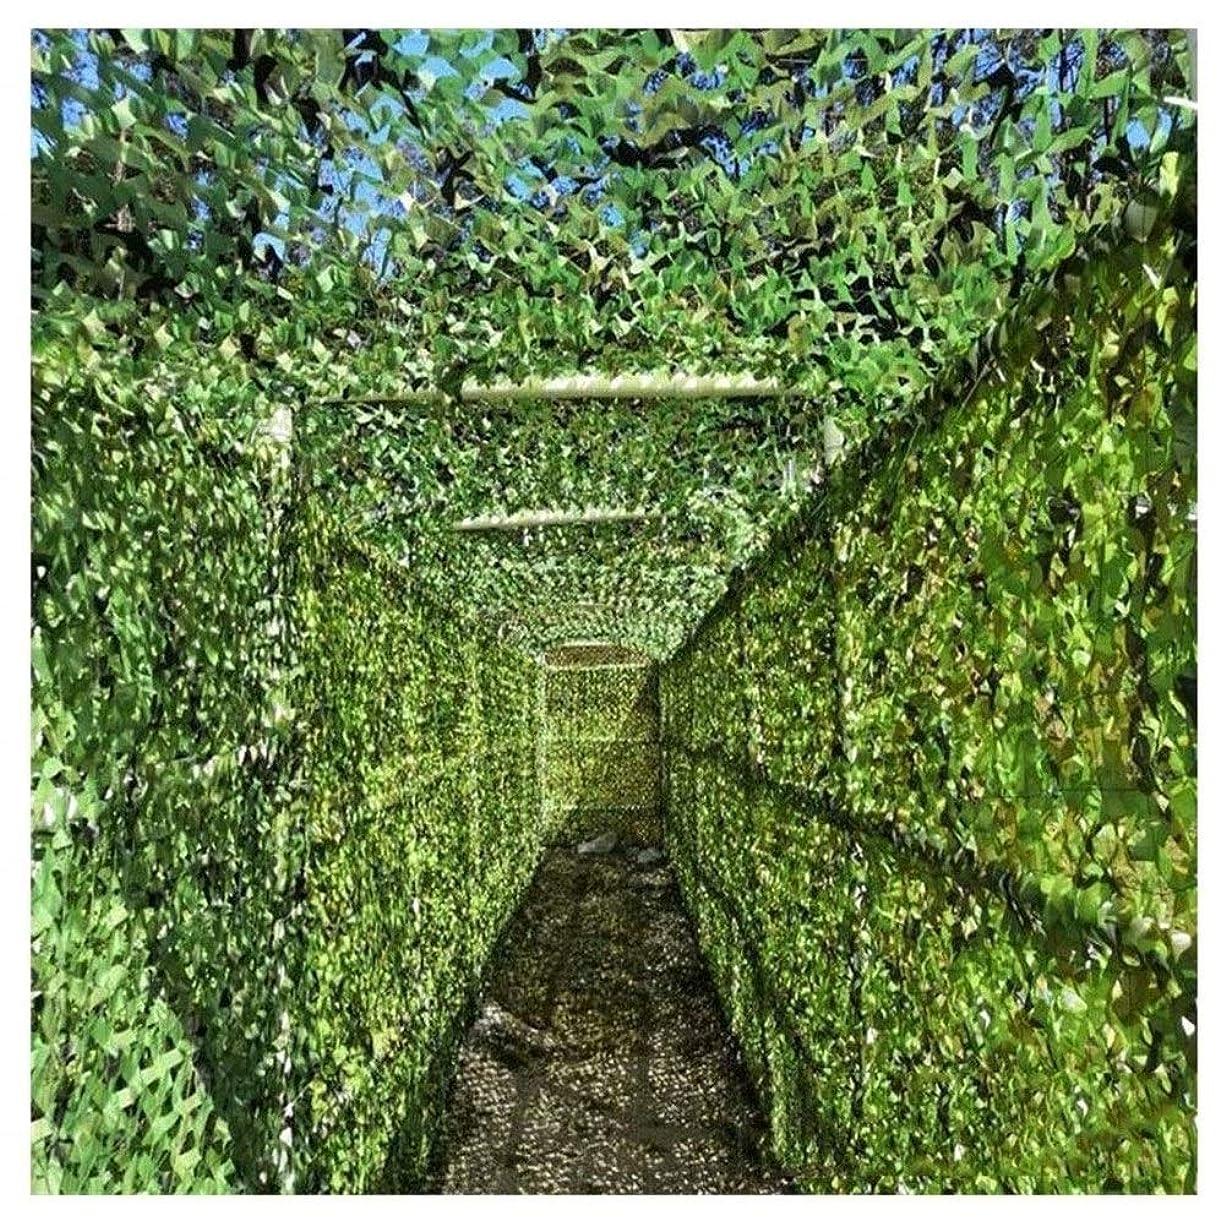 チーム残りセンチメートル庭迷彩ネット、2メートル×3メートル日焼け止めネットオックスフォードグリーンオーニングバルコニープライバシー保護壁の装飾車のカバー植物カバー狩猟写真 (Size : 4*10m(13*32ft))